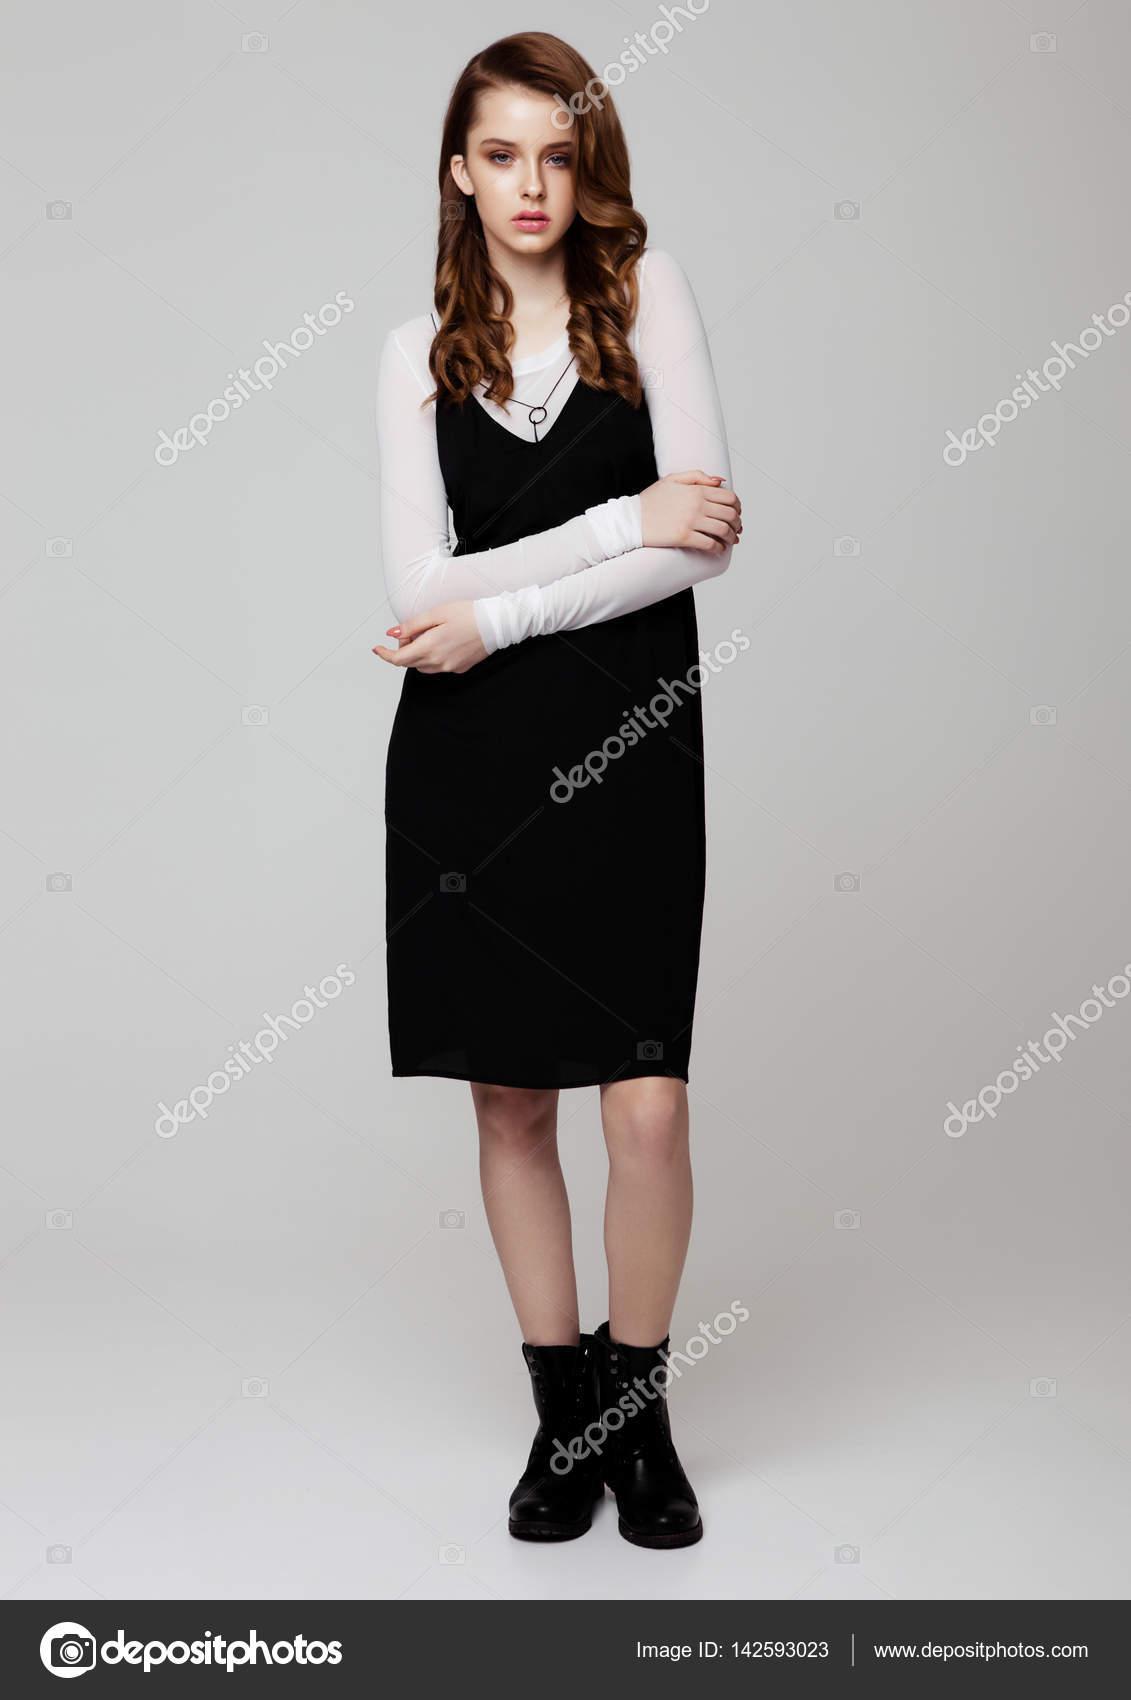 Vestido negro con camisa blanca